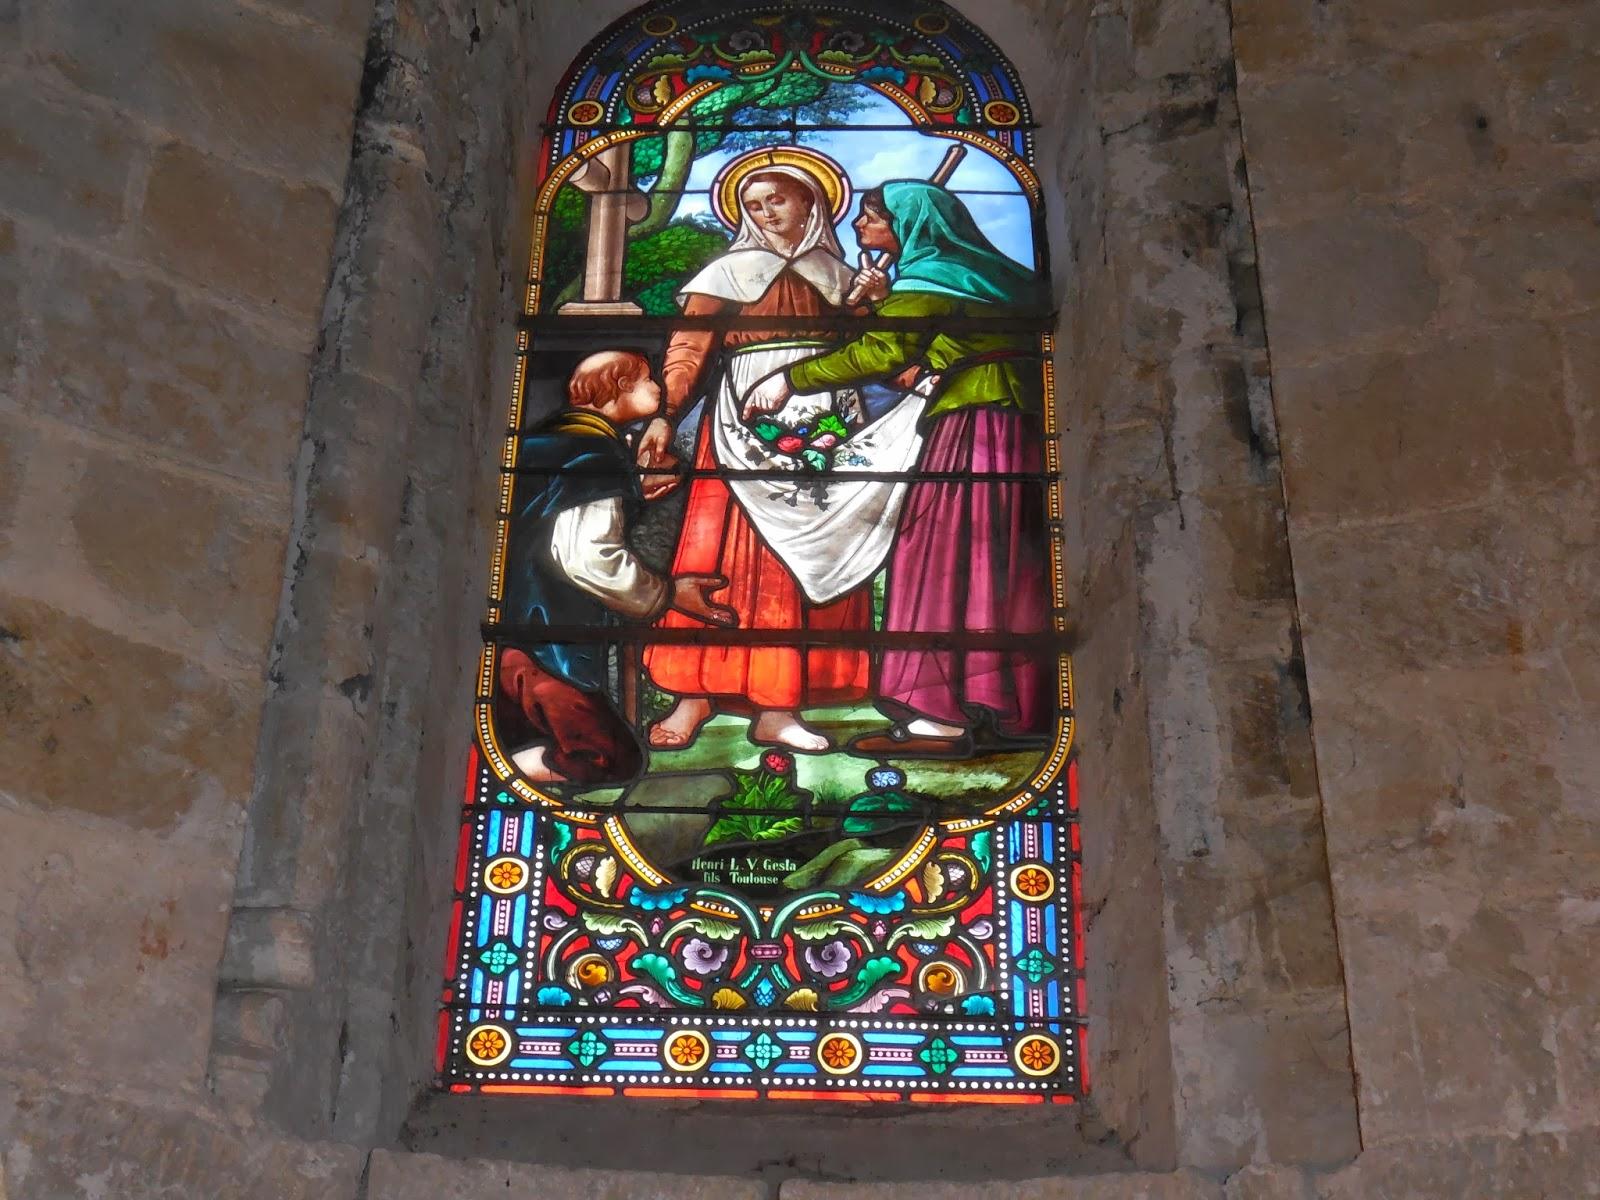 fd67cfe83d6 ... Pibrac. Le vitrail raconte un des miracles de sainte Germaine de son  vivant. Accusée par sa marâtre de voler du pain pour le donner aux pauvres